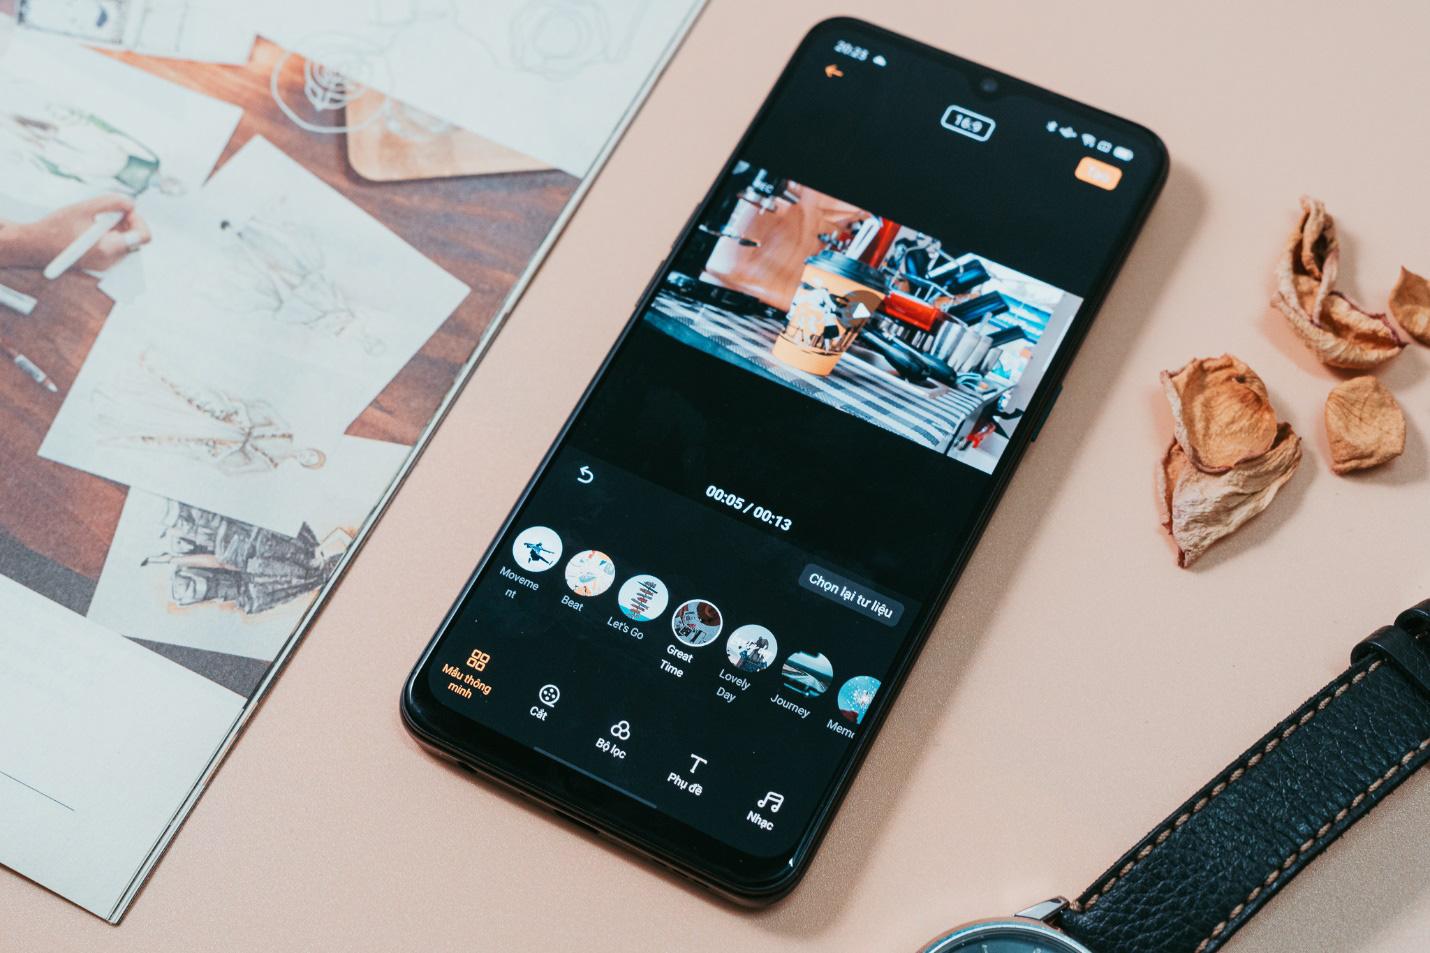 Bí kíp để có đoạn video siêu đỉnh chỉ bằng 1 chiếc điện thoại - Ảnh 6.